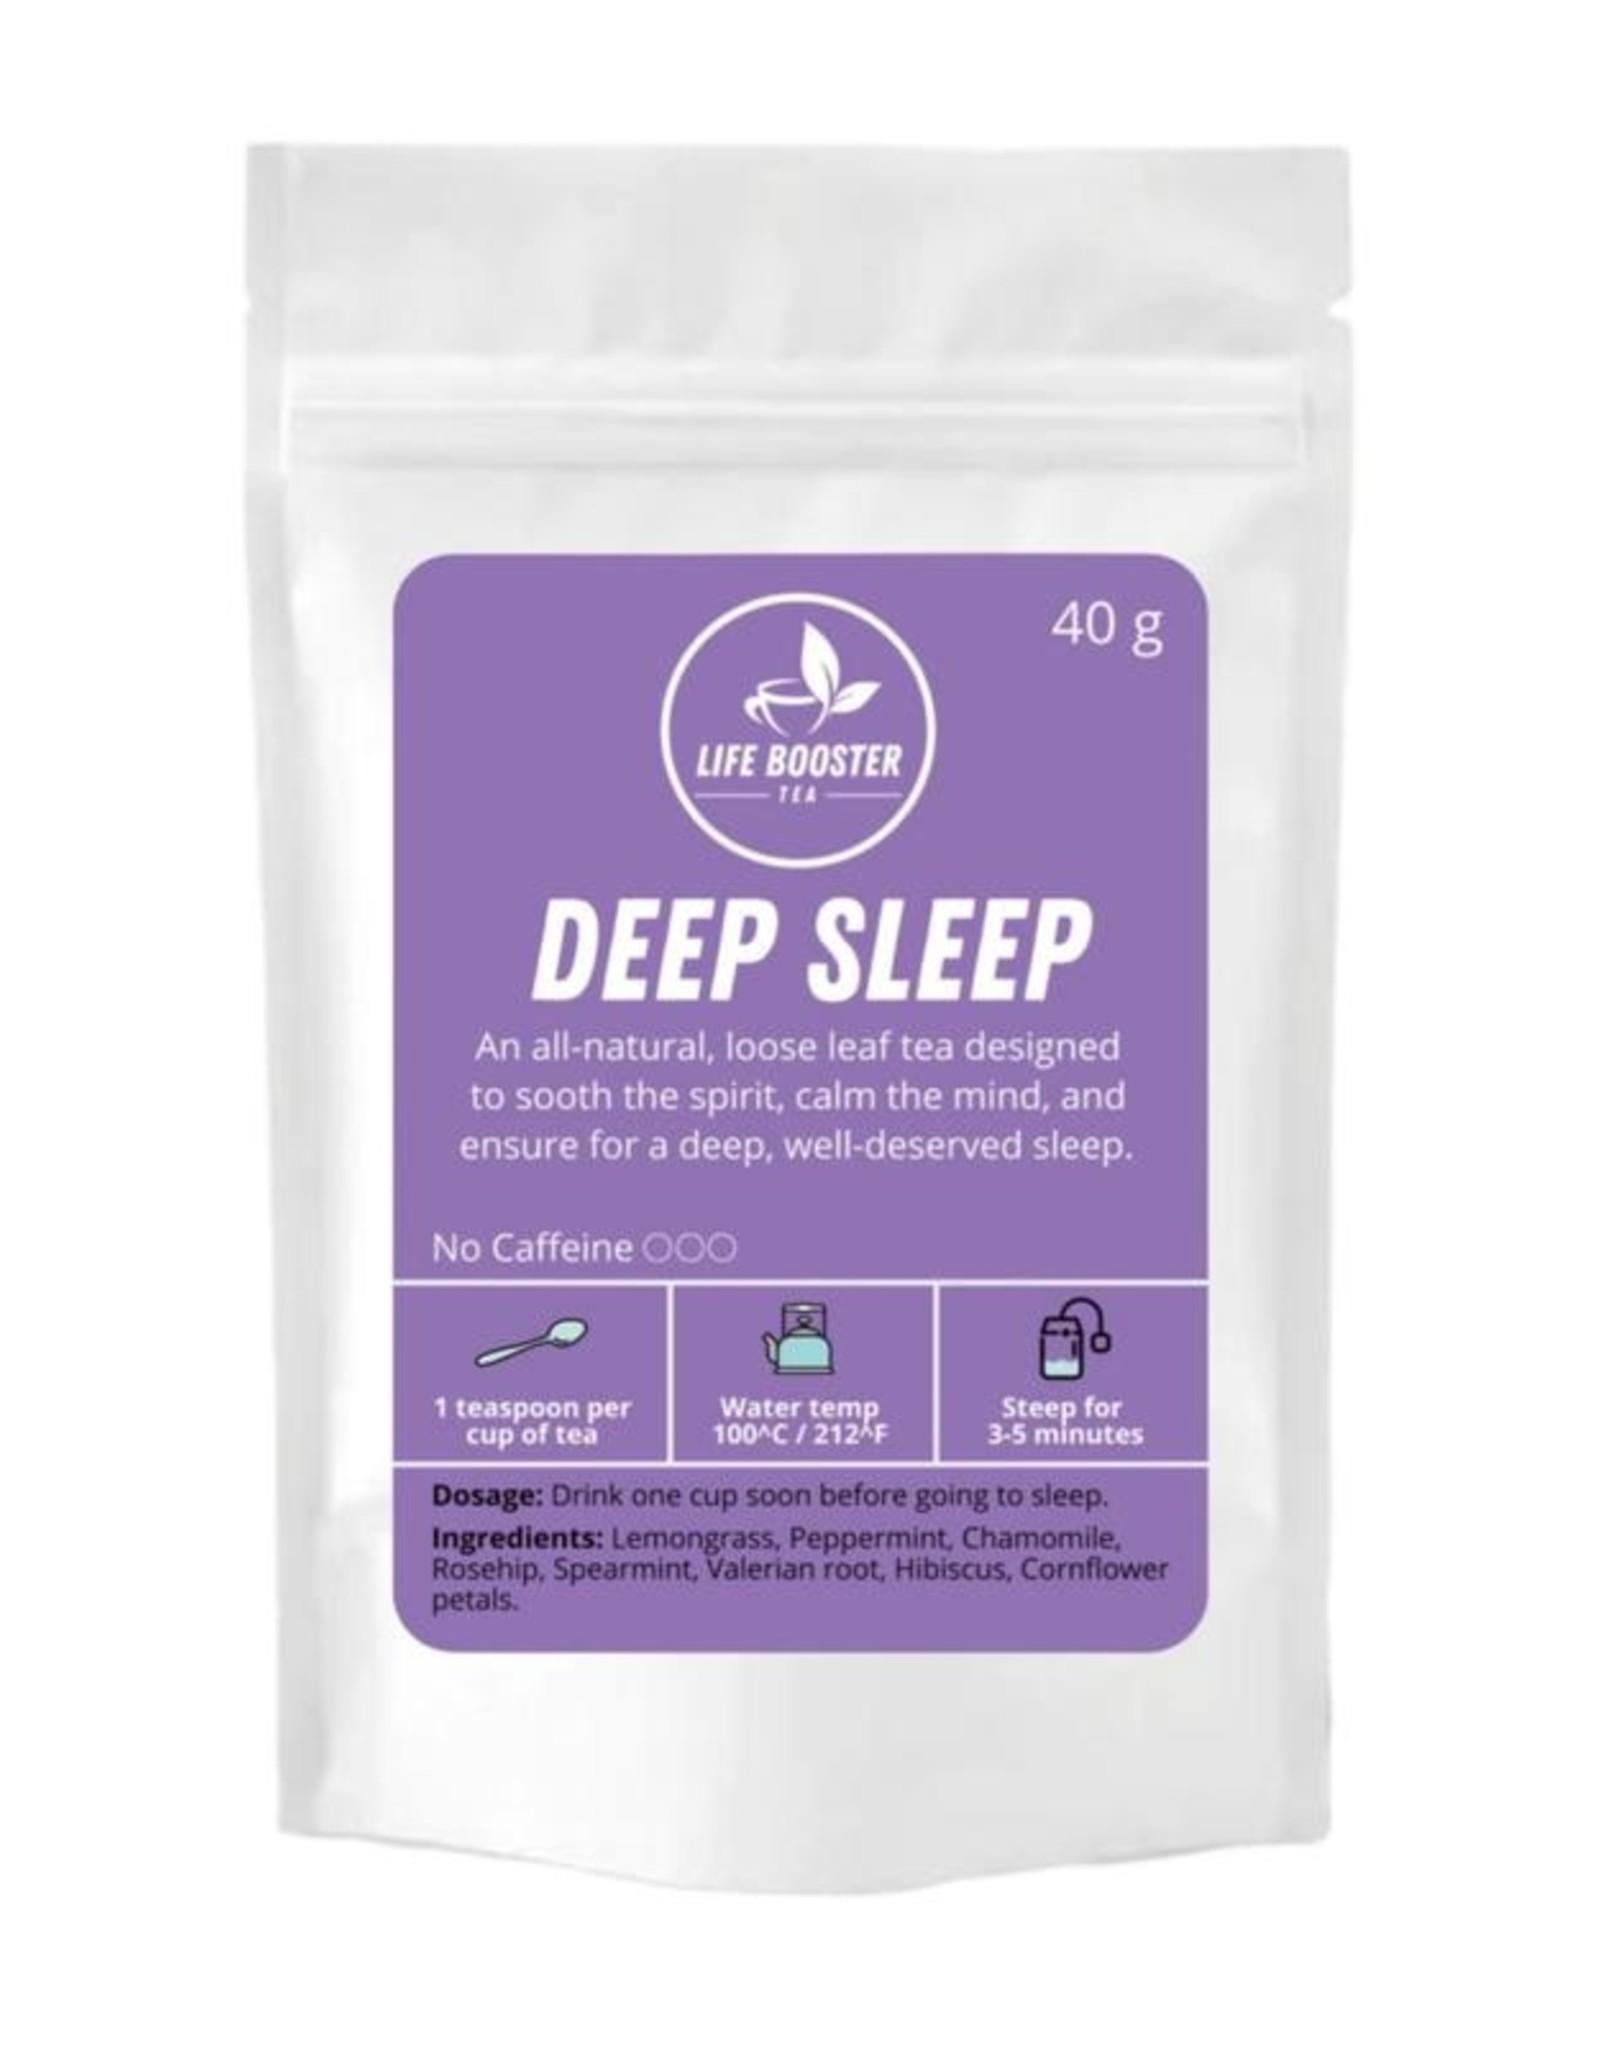 Life Booster Tea - Deep Sleep